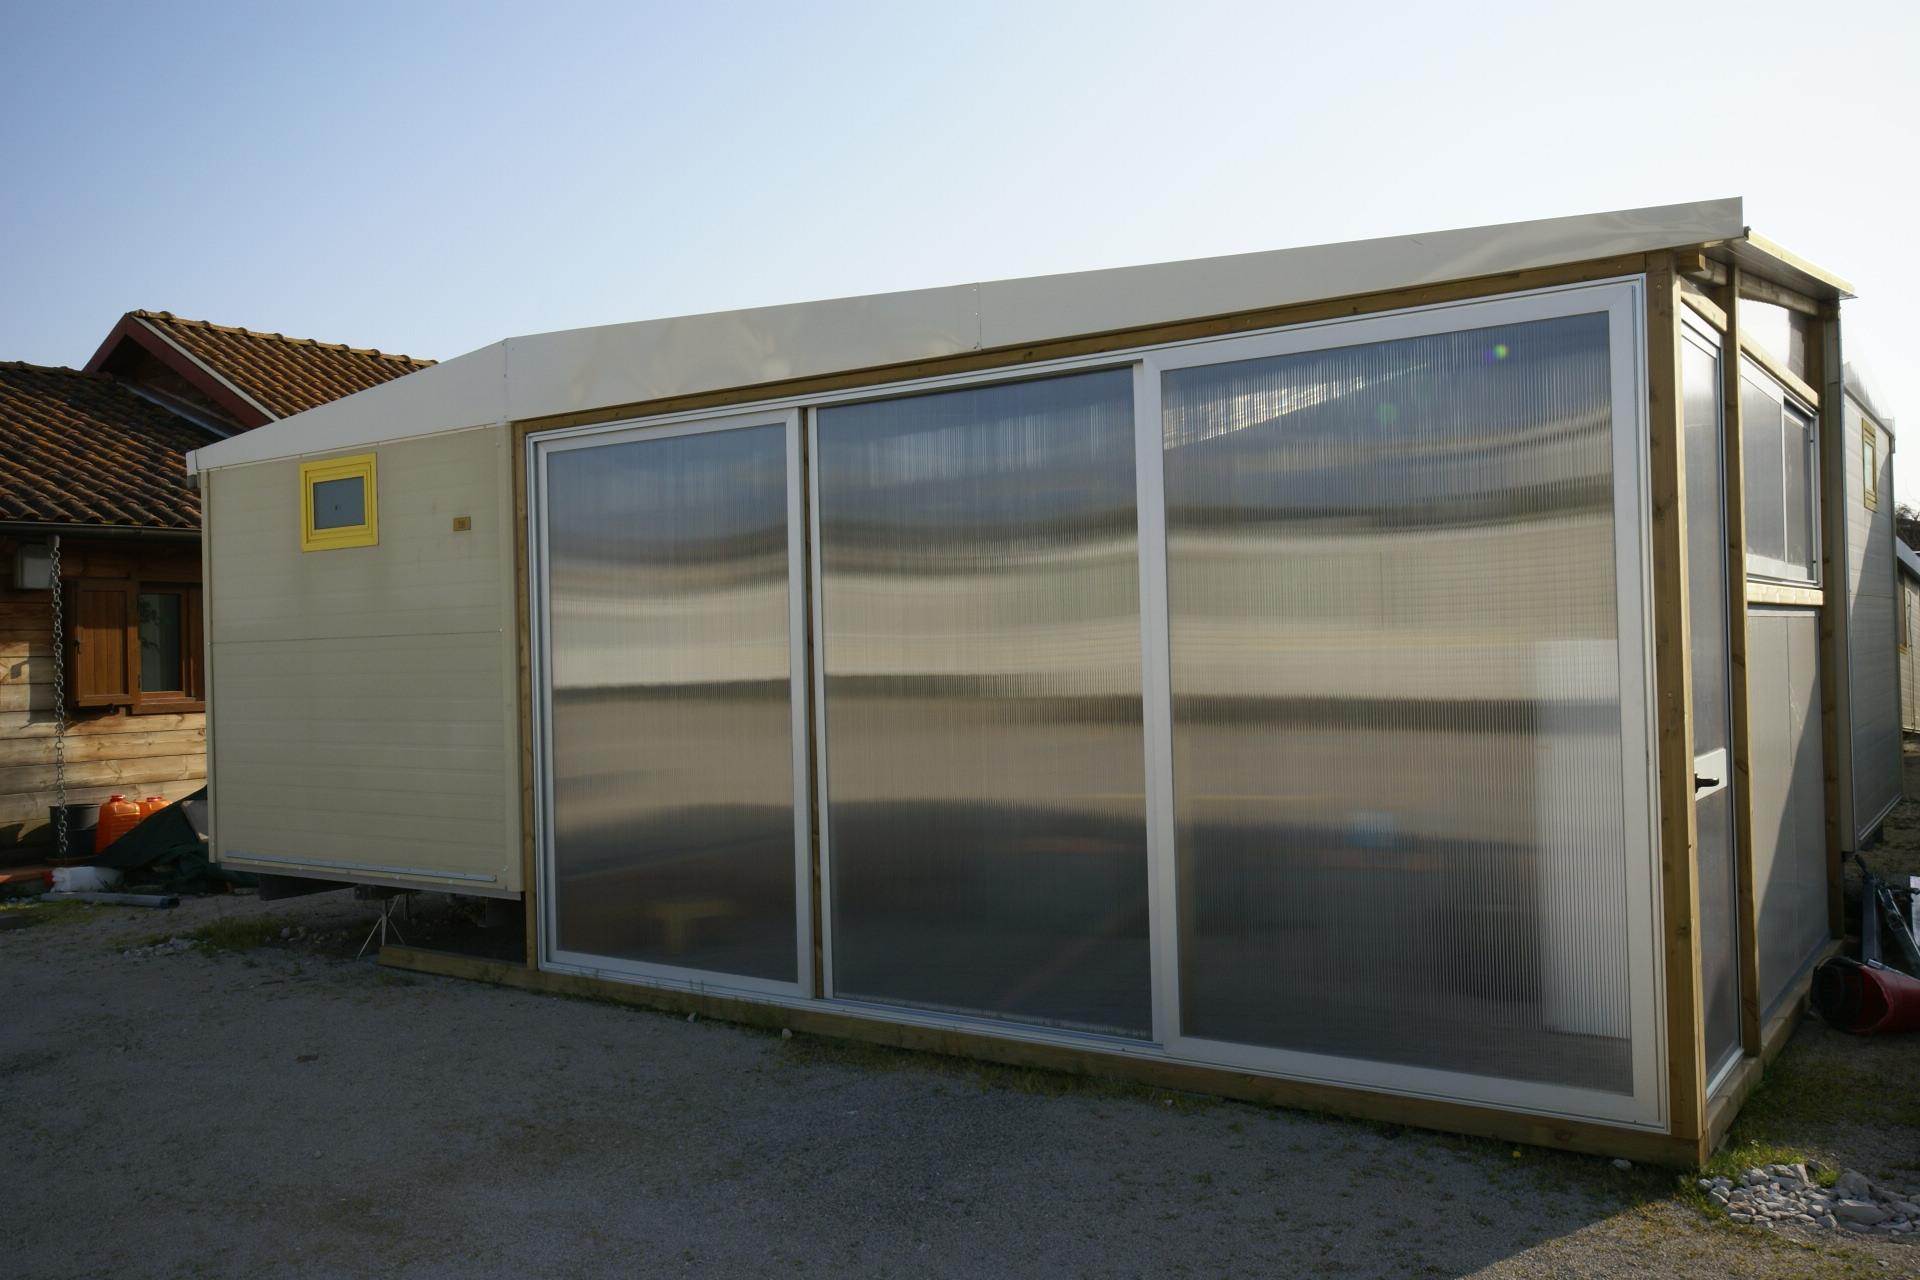 Case rubner usate pareti legno e case ecologiche in cose - Costo casa mobile ...